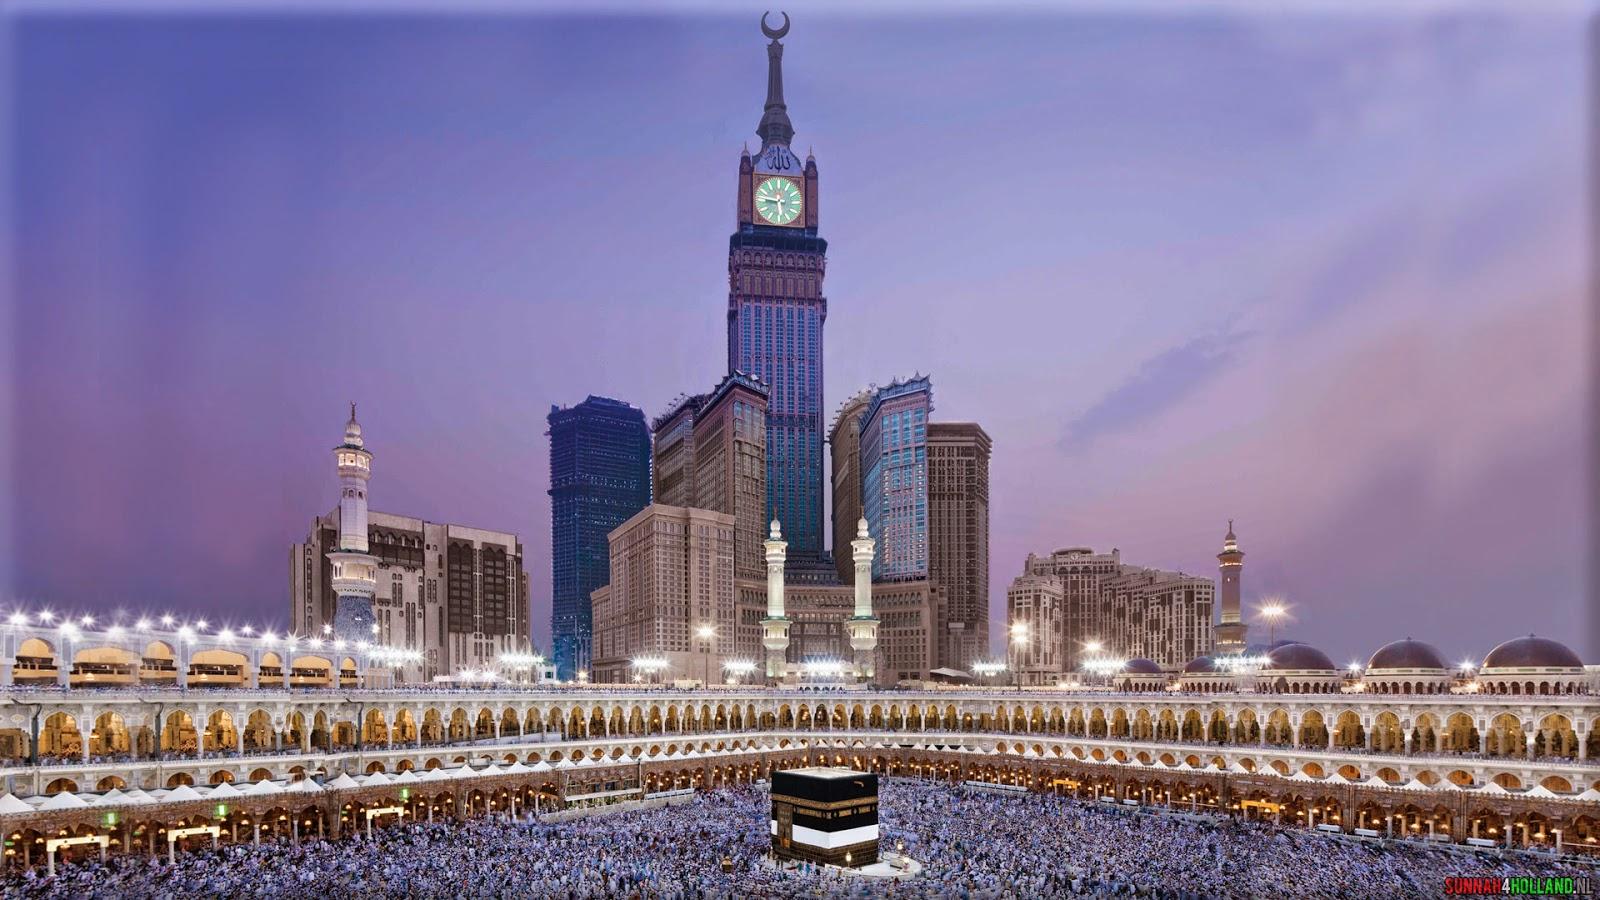 of Makkah Makkah mosque full hd Makkah World City Wallpaper 1600x900